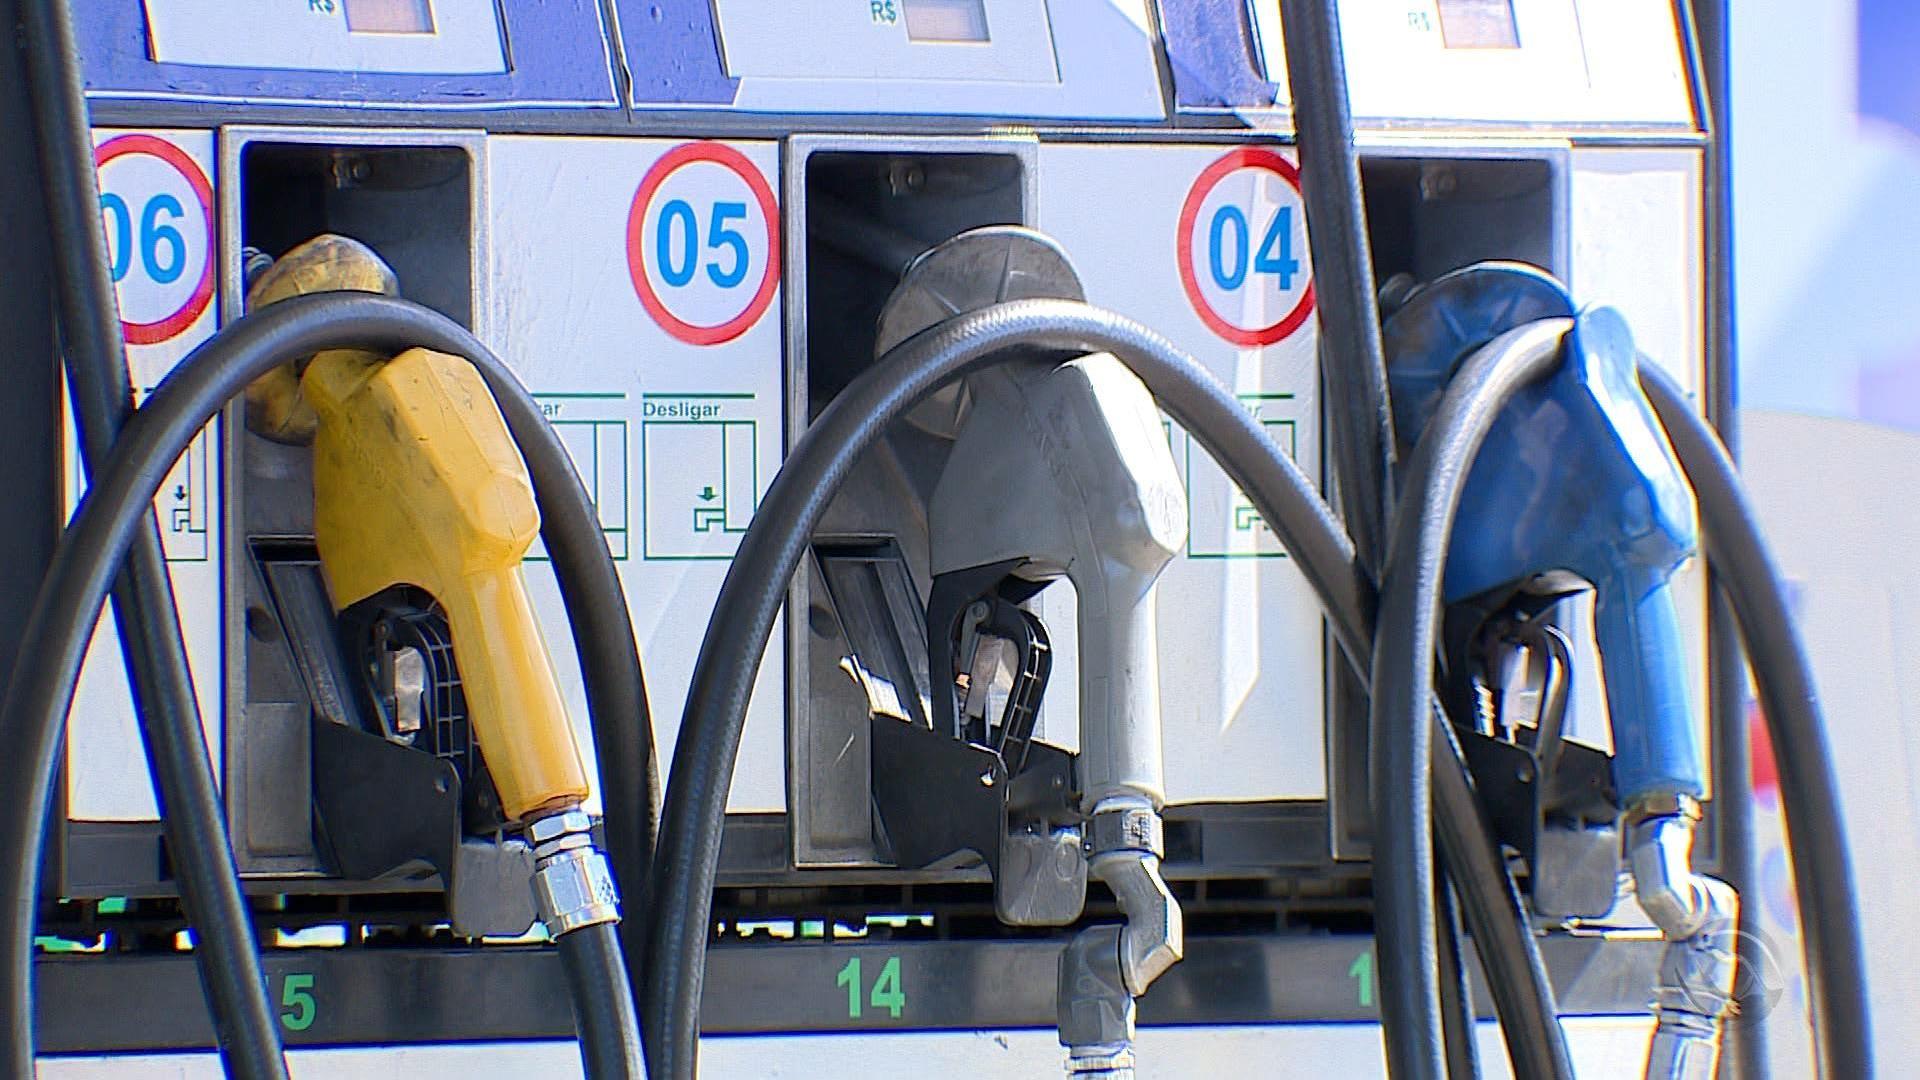 Preço médio da gasolina oscila entre março e abril em municípios do Centro-Oeste de MG  - Noticias